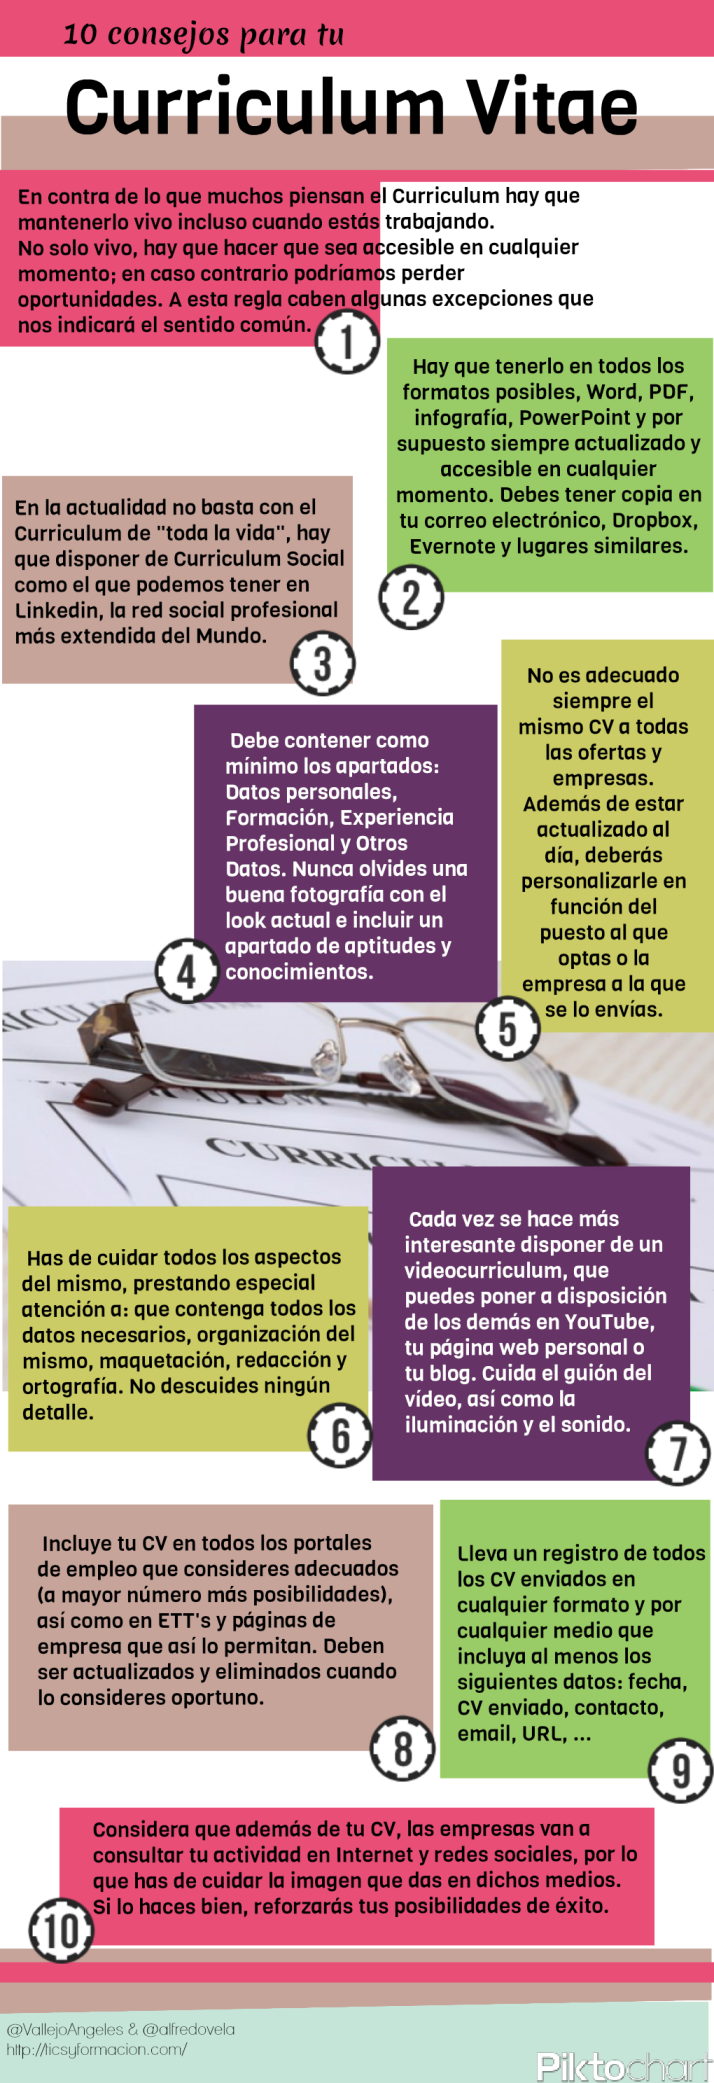 10 consejos para tu Curriculum Vitae   Negocio   Pinterest ...